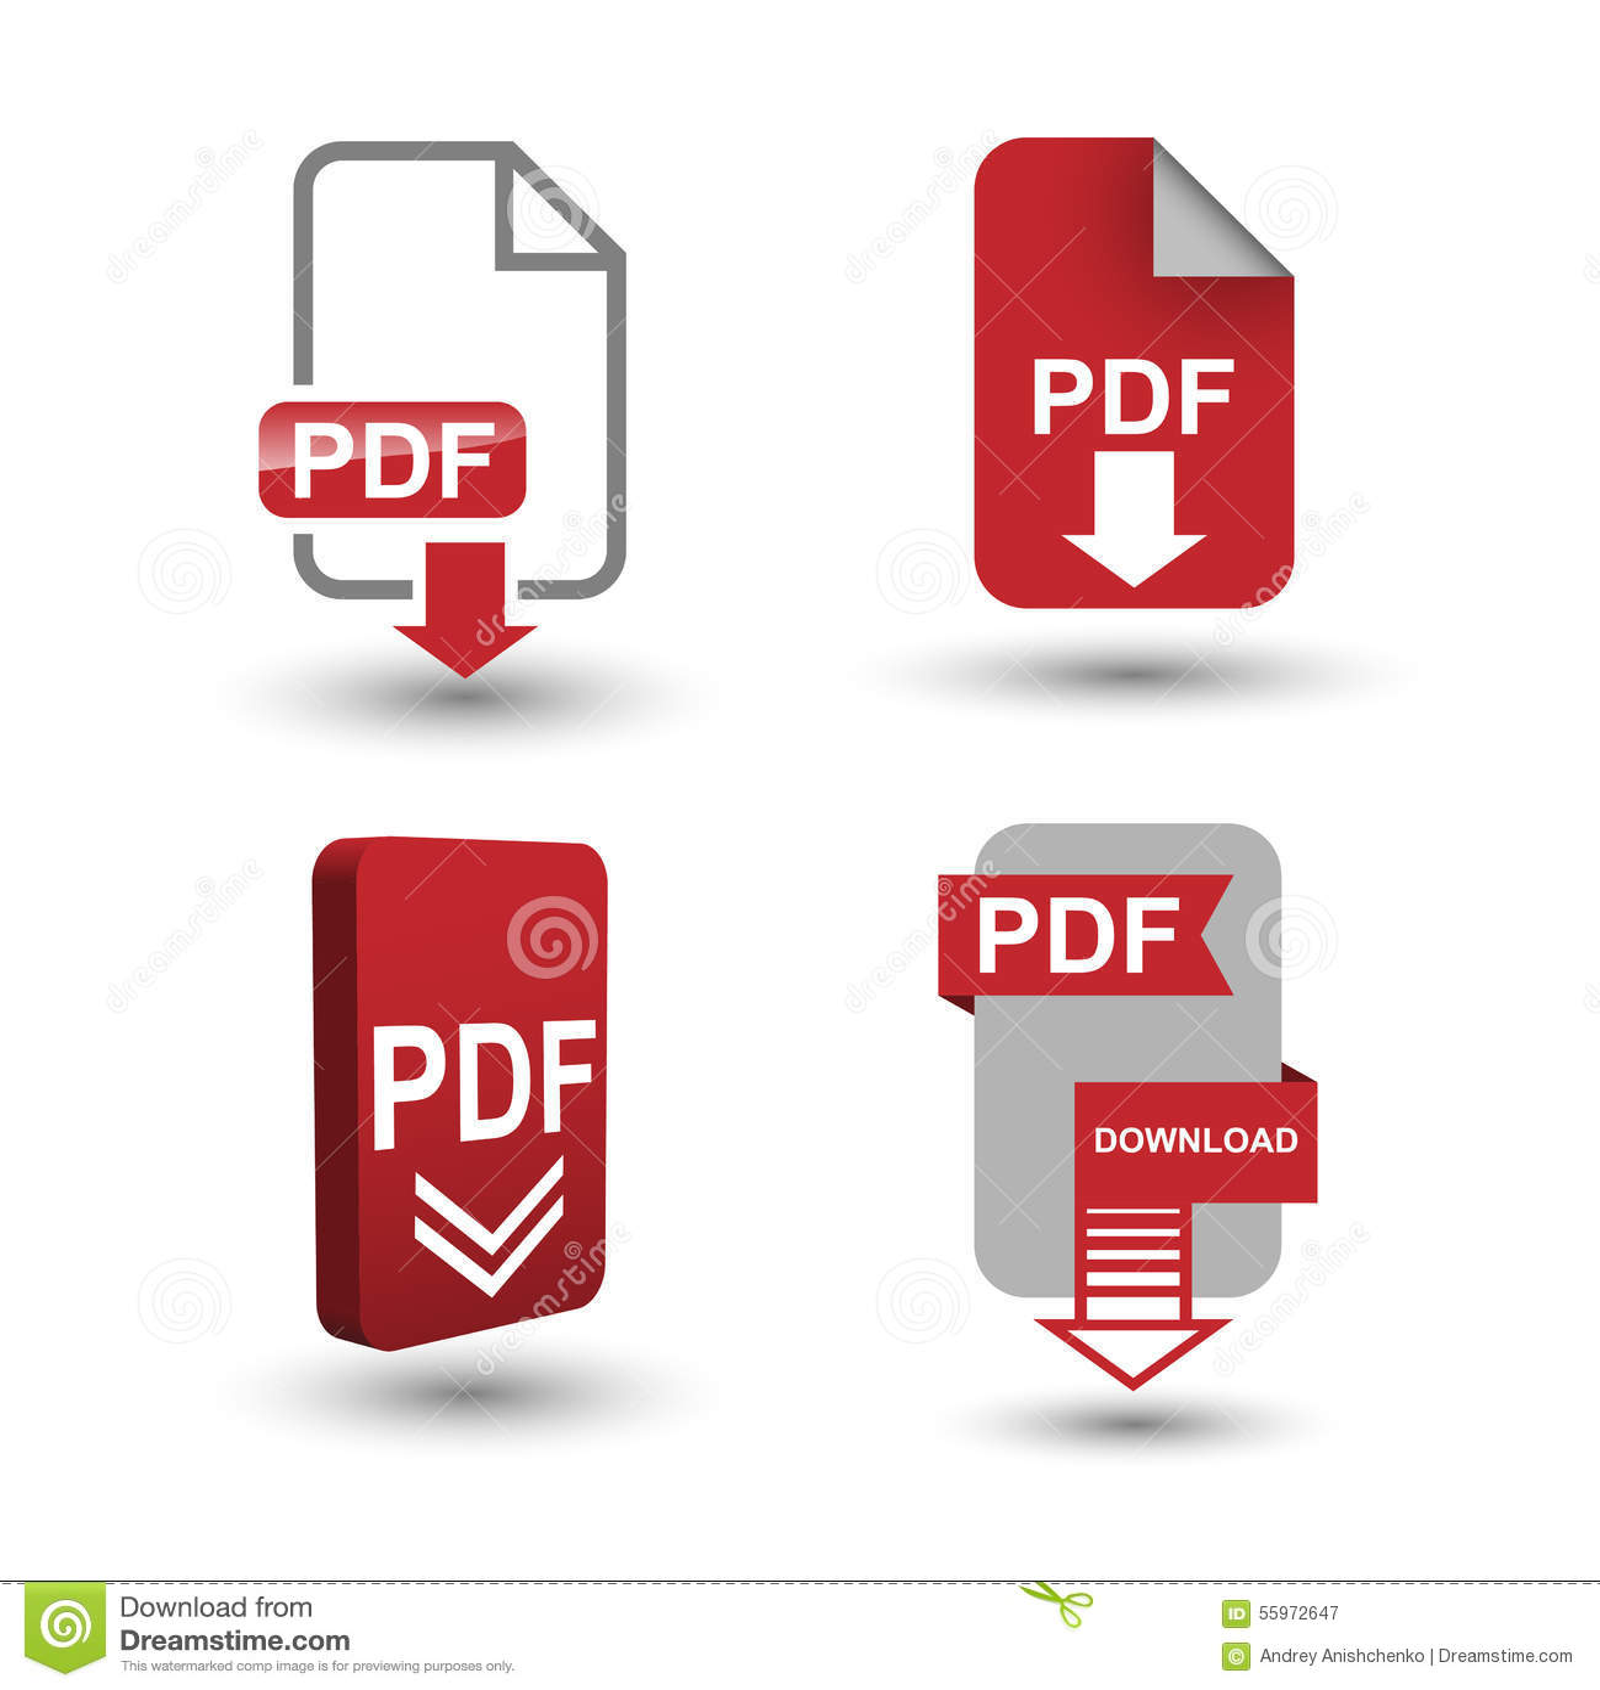 Ícones Da Transferência Do Pdf Ilustração Do Vetor: Ícones Da Transferência Do Pdf Ilustração Do Vetor